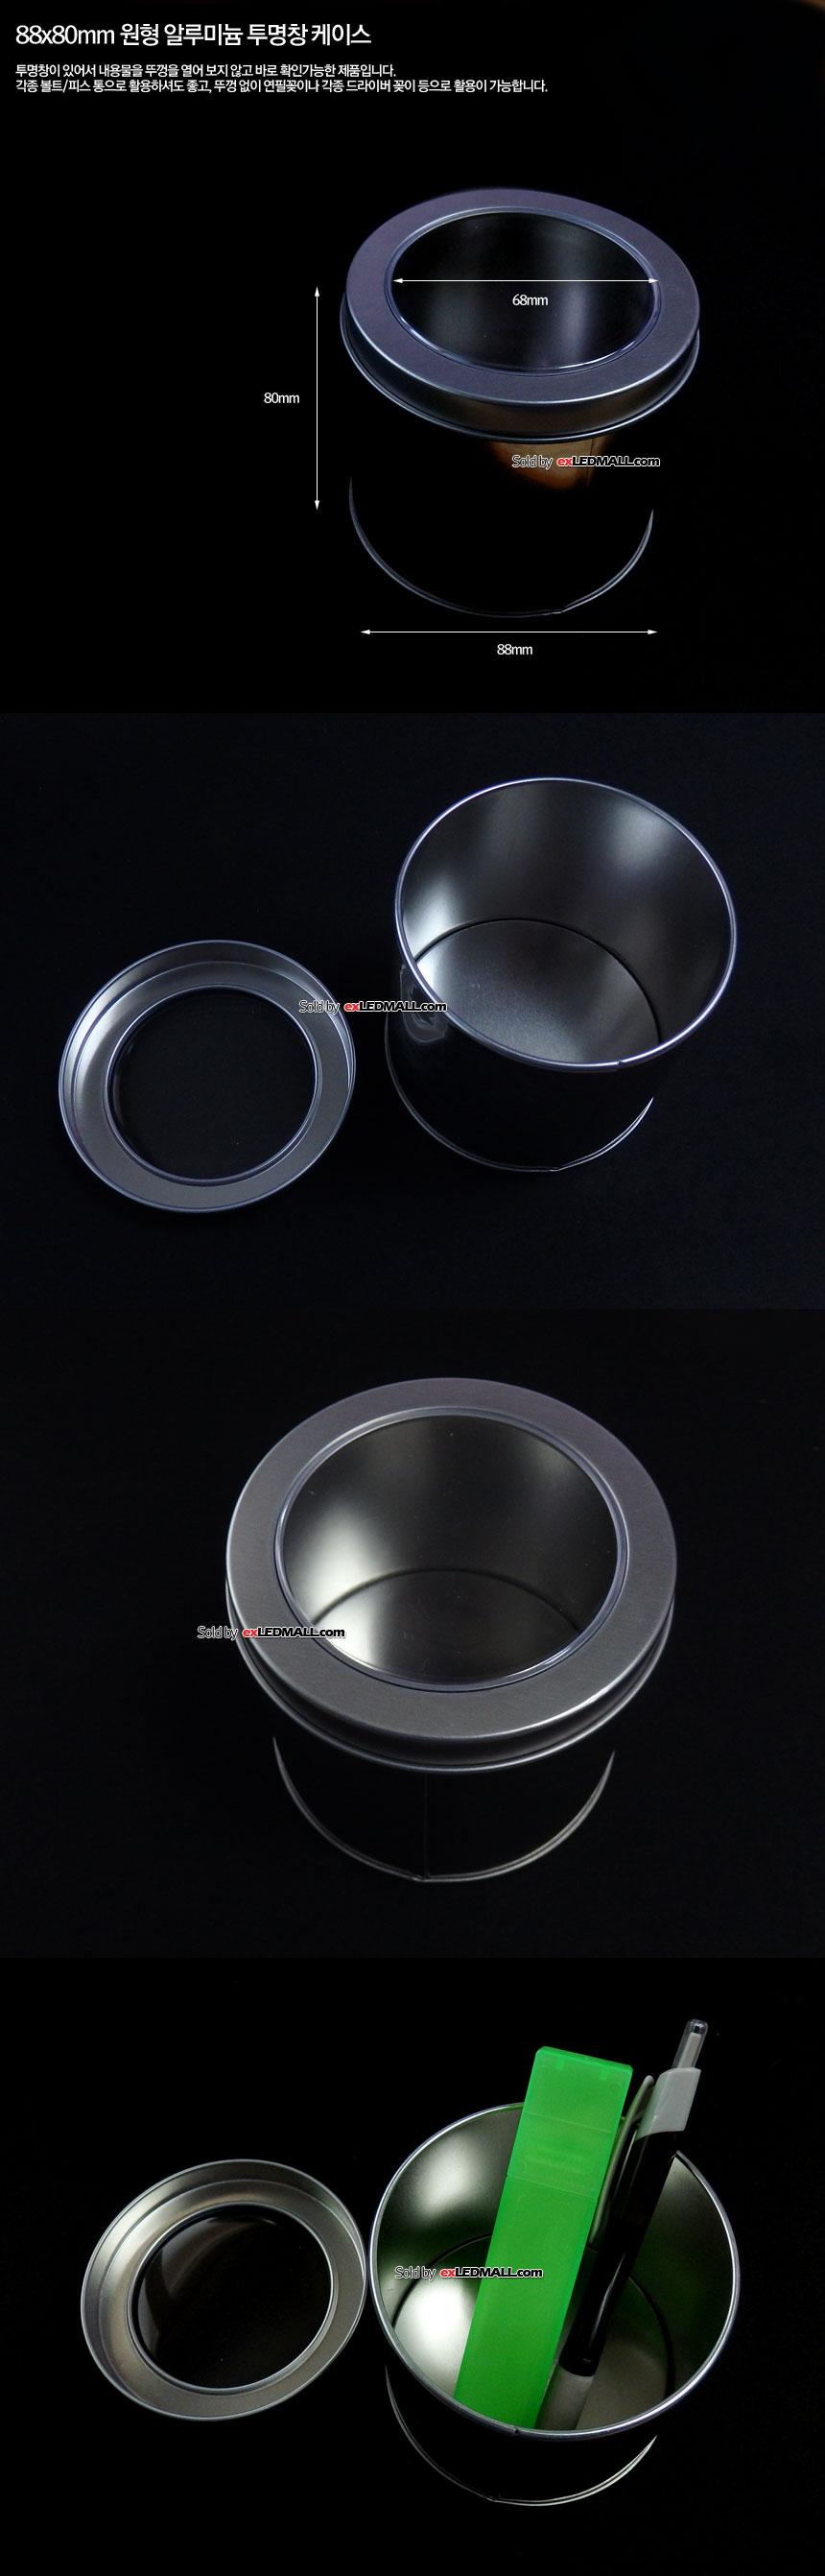 알루미늄 케이스 원형 투명창 88x80mm (부품통/피스통/나사통/넛트통)